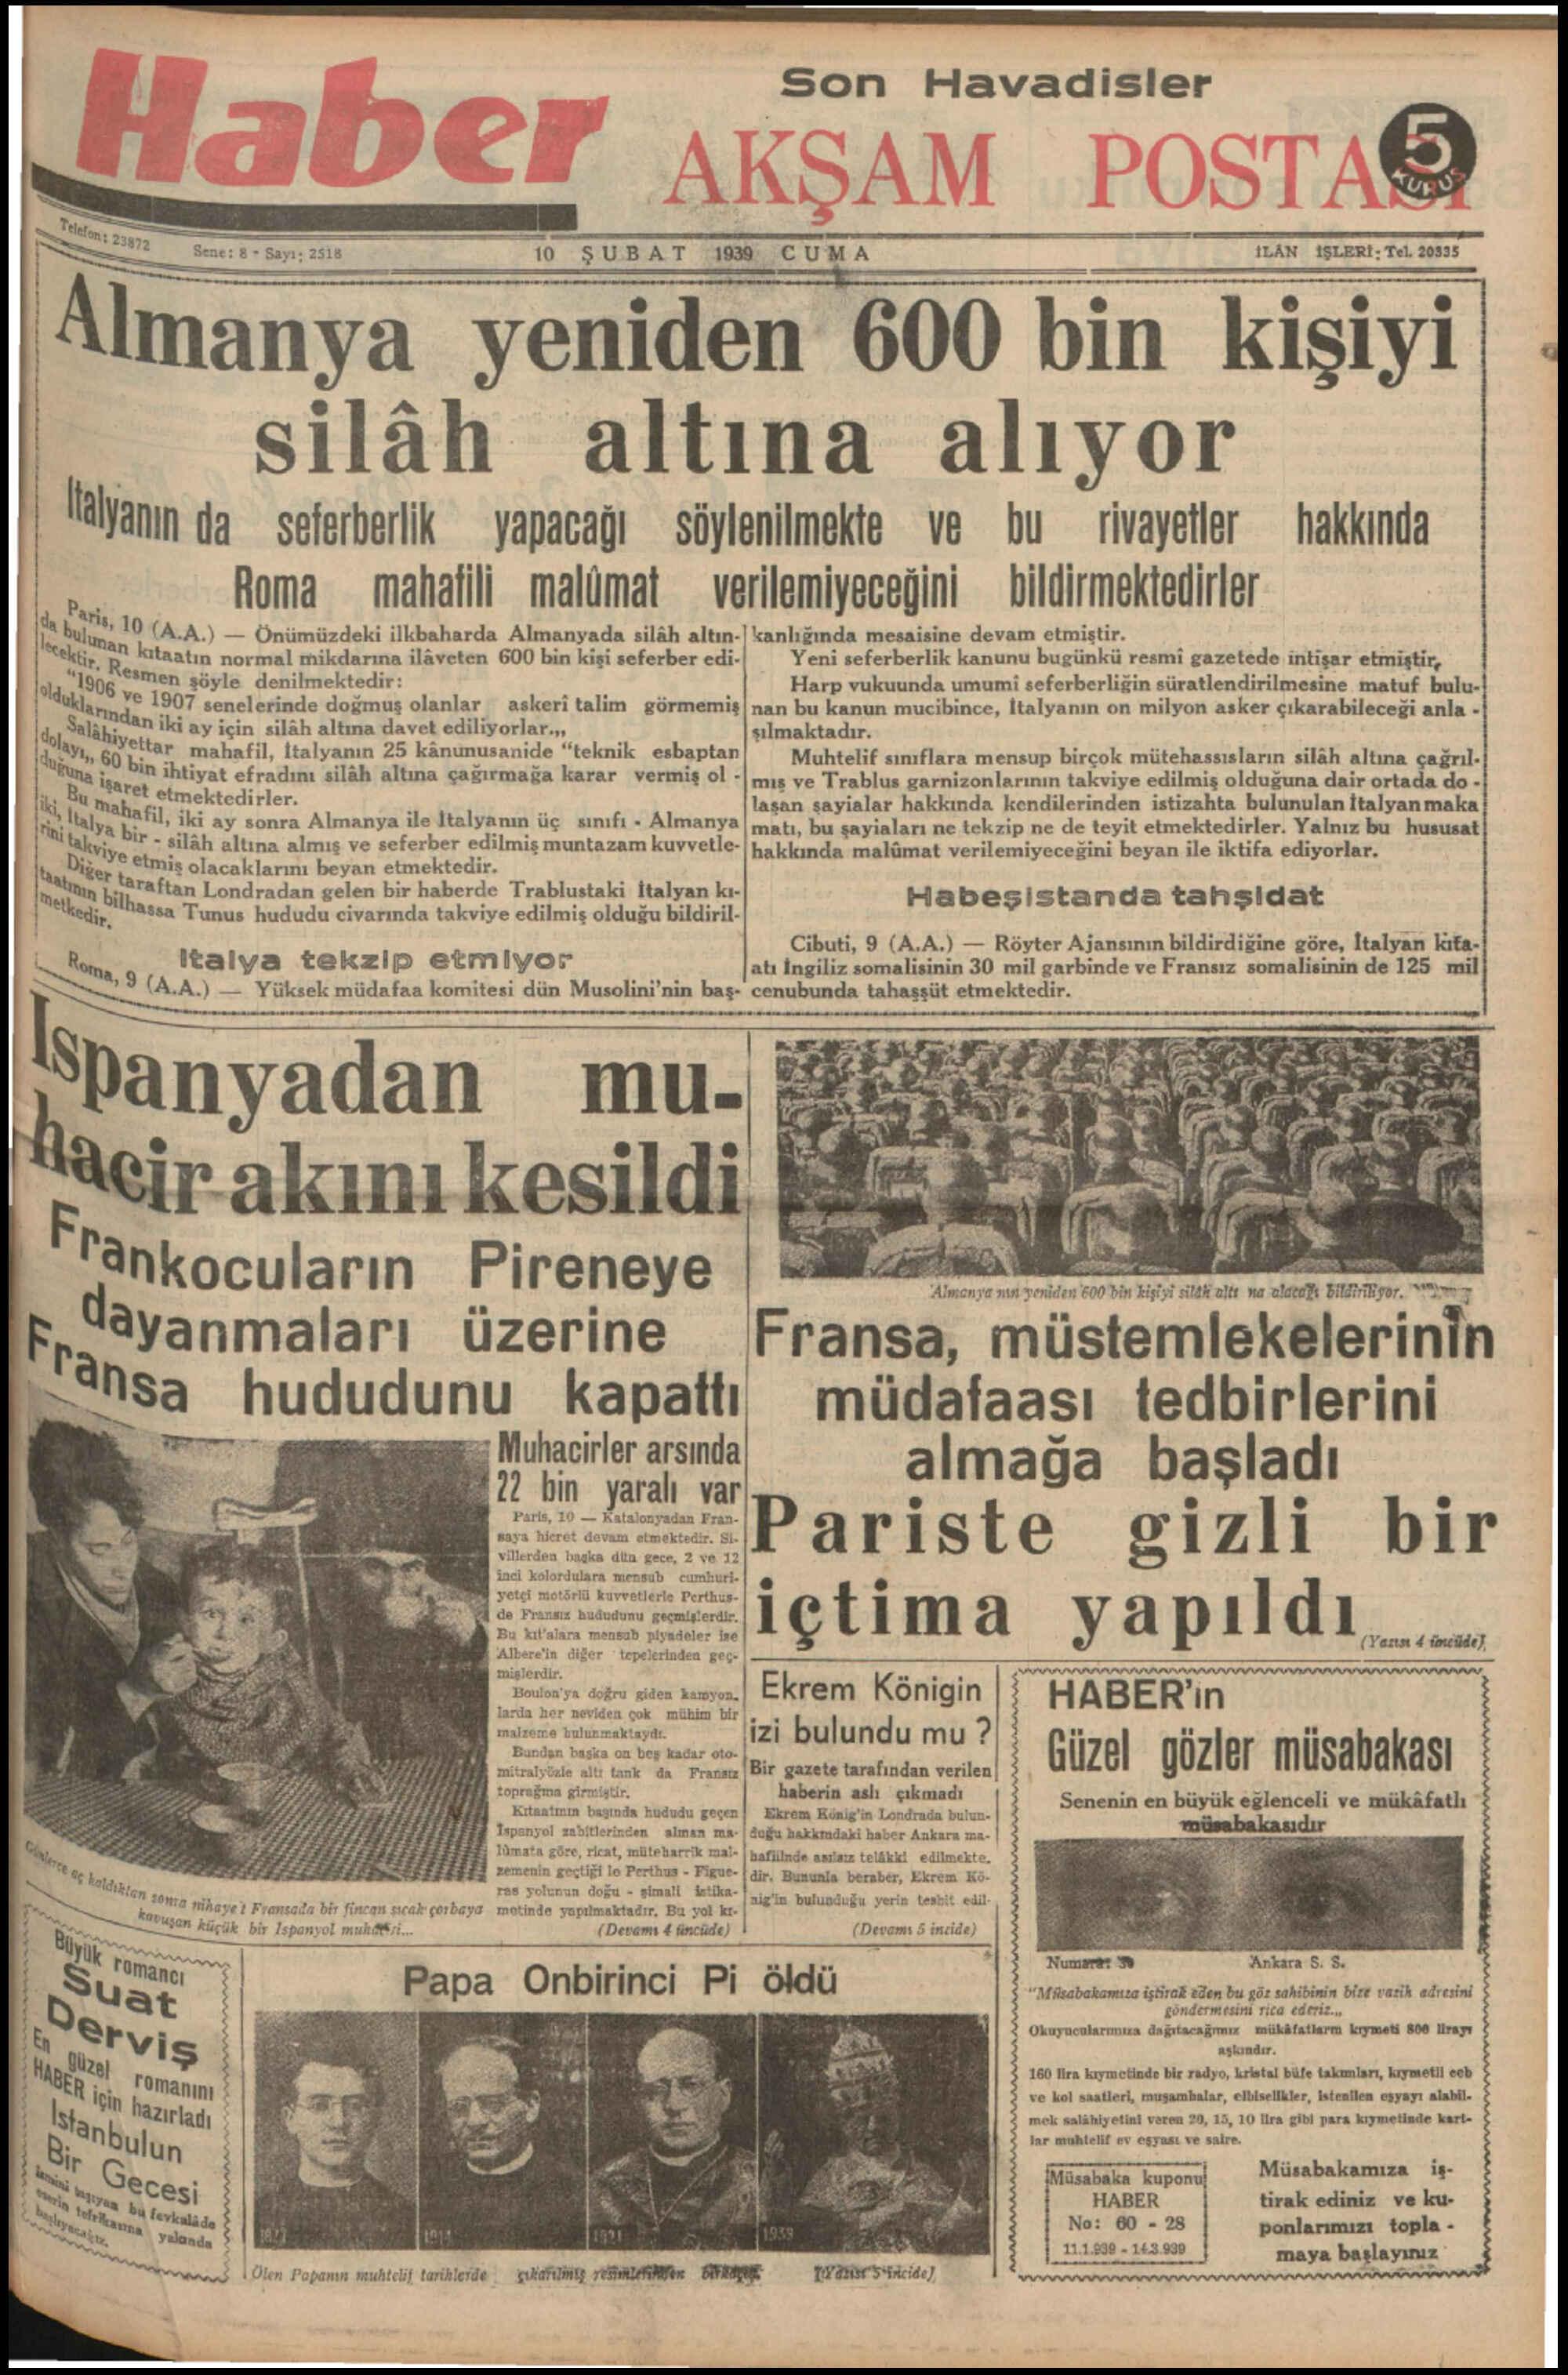 10 Şubat 1939 Tarihli Haber Gazetesi Sayfa 1